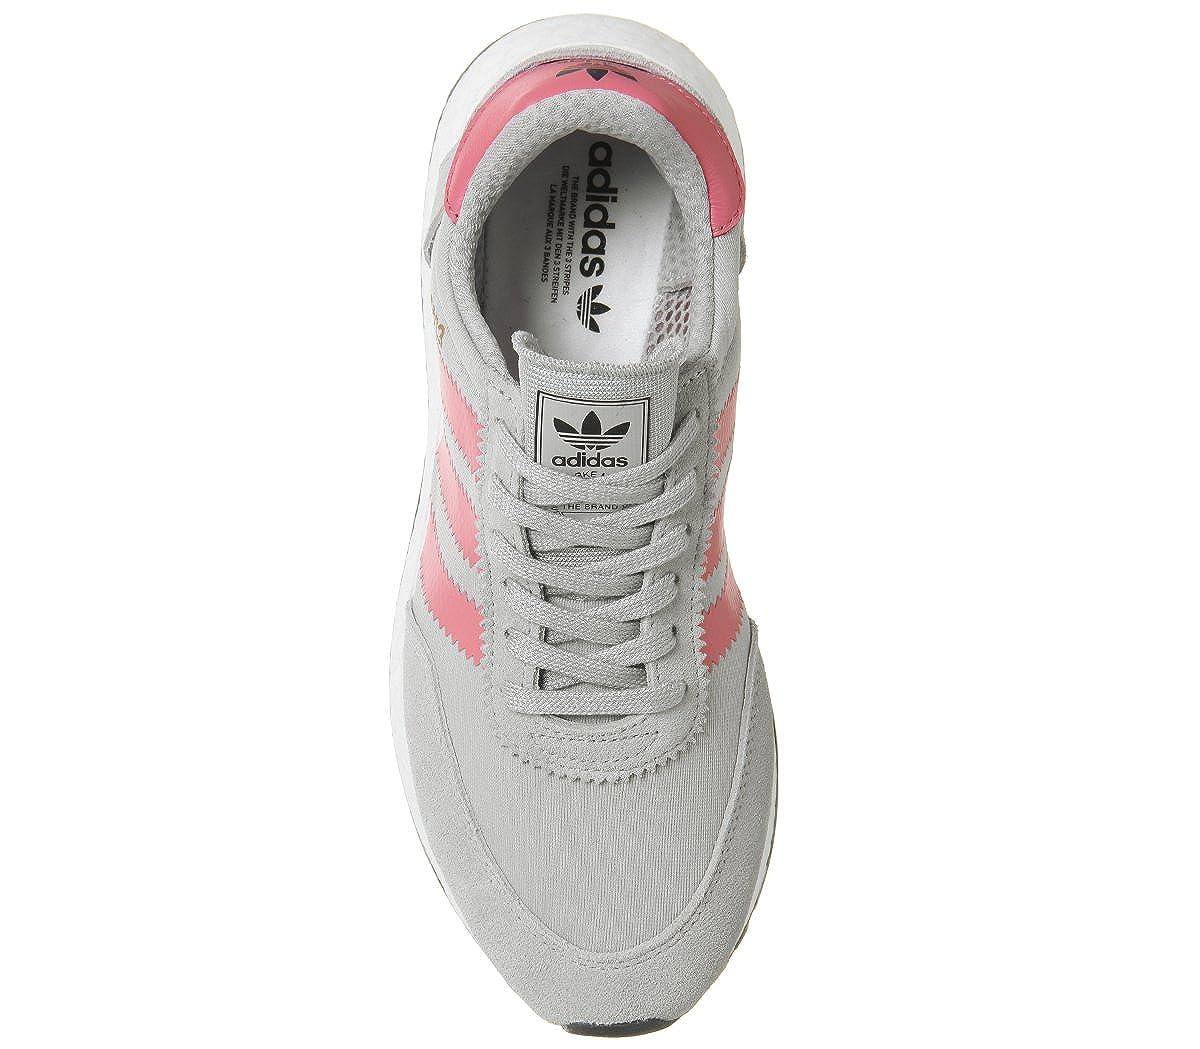 Adidas Grau Damen I-5923 W Fitnessschuhe Grau Adidas Two 3a20ee